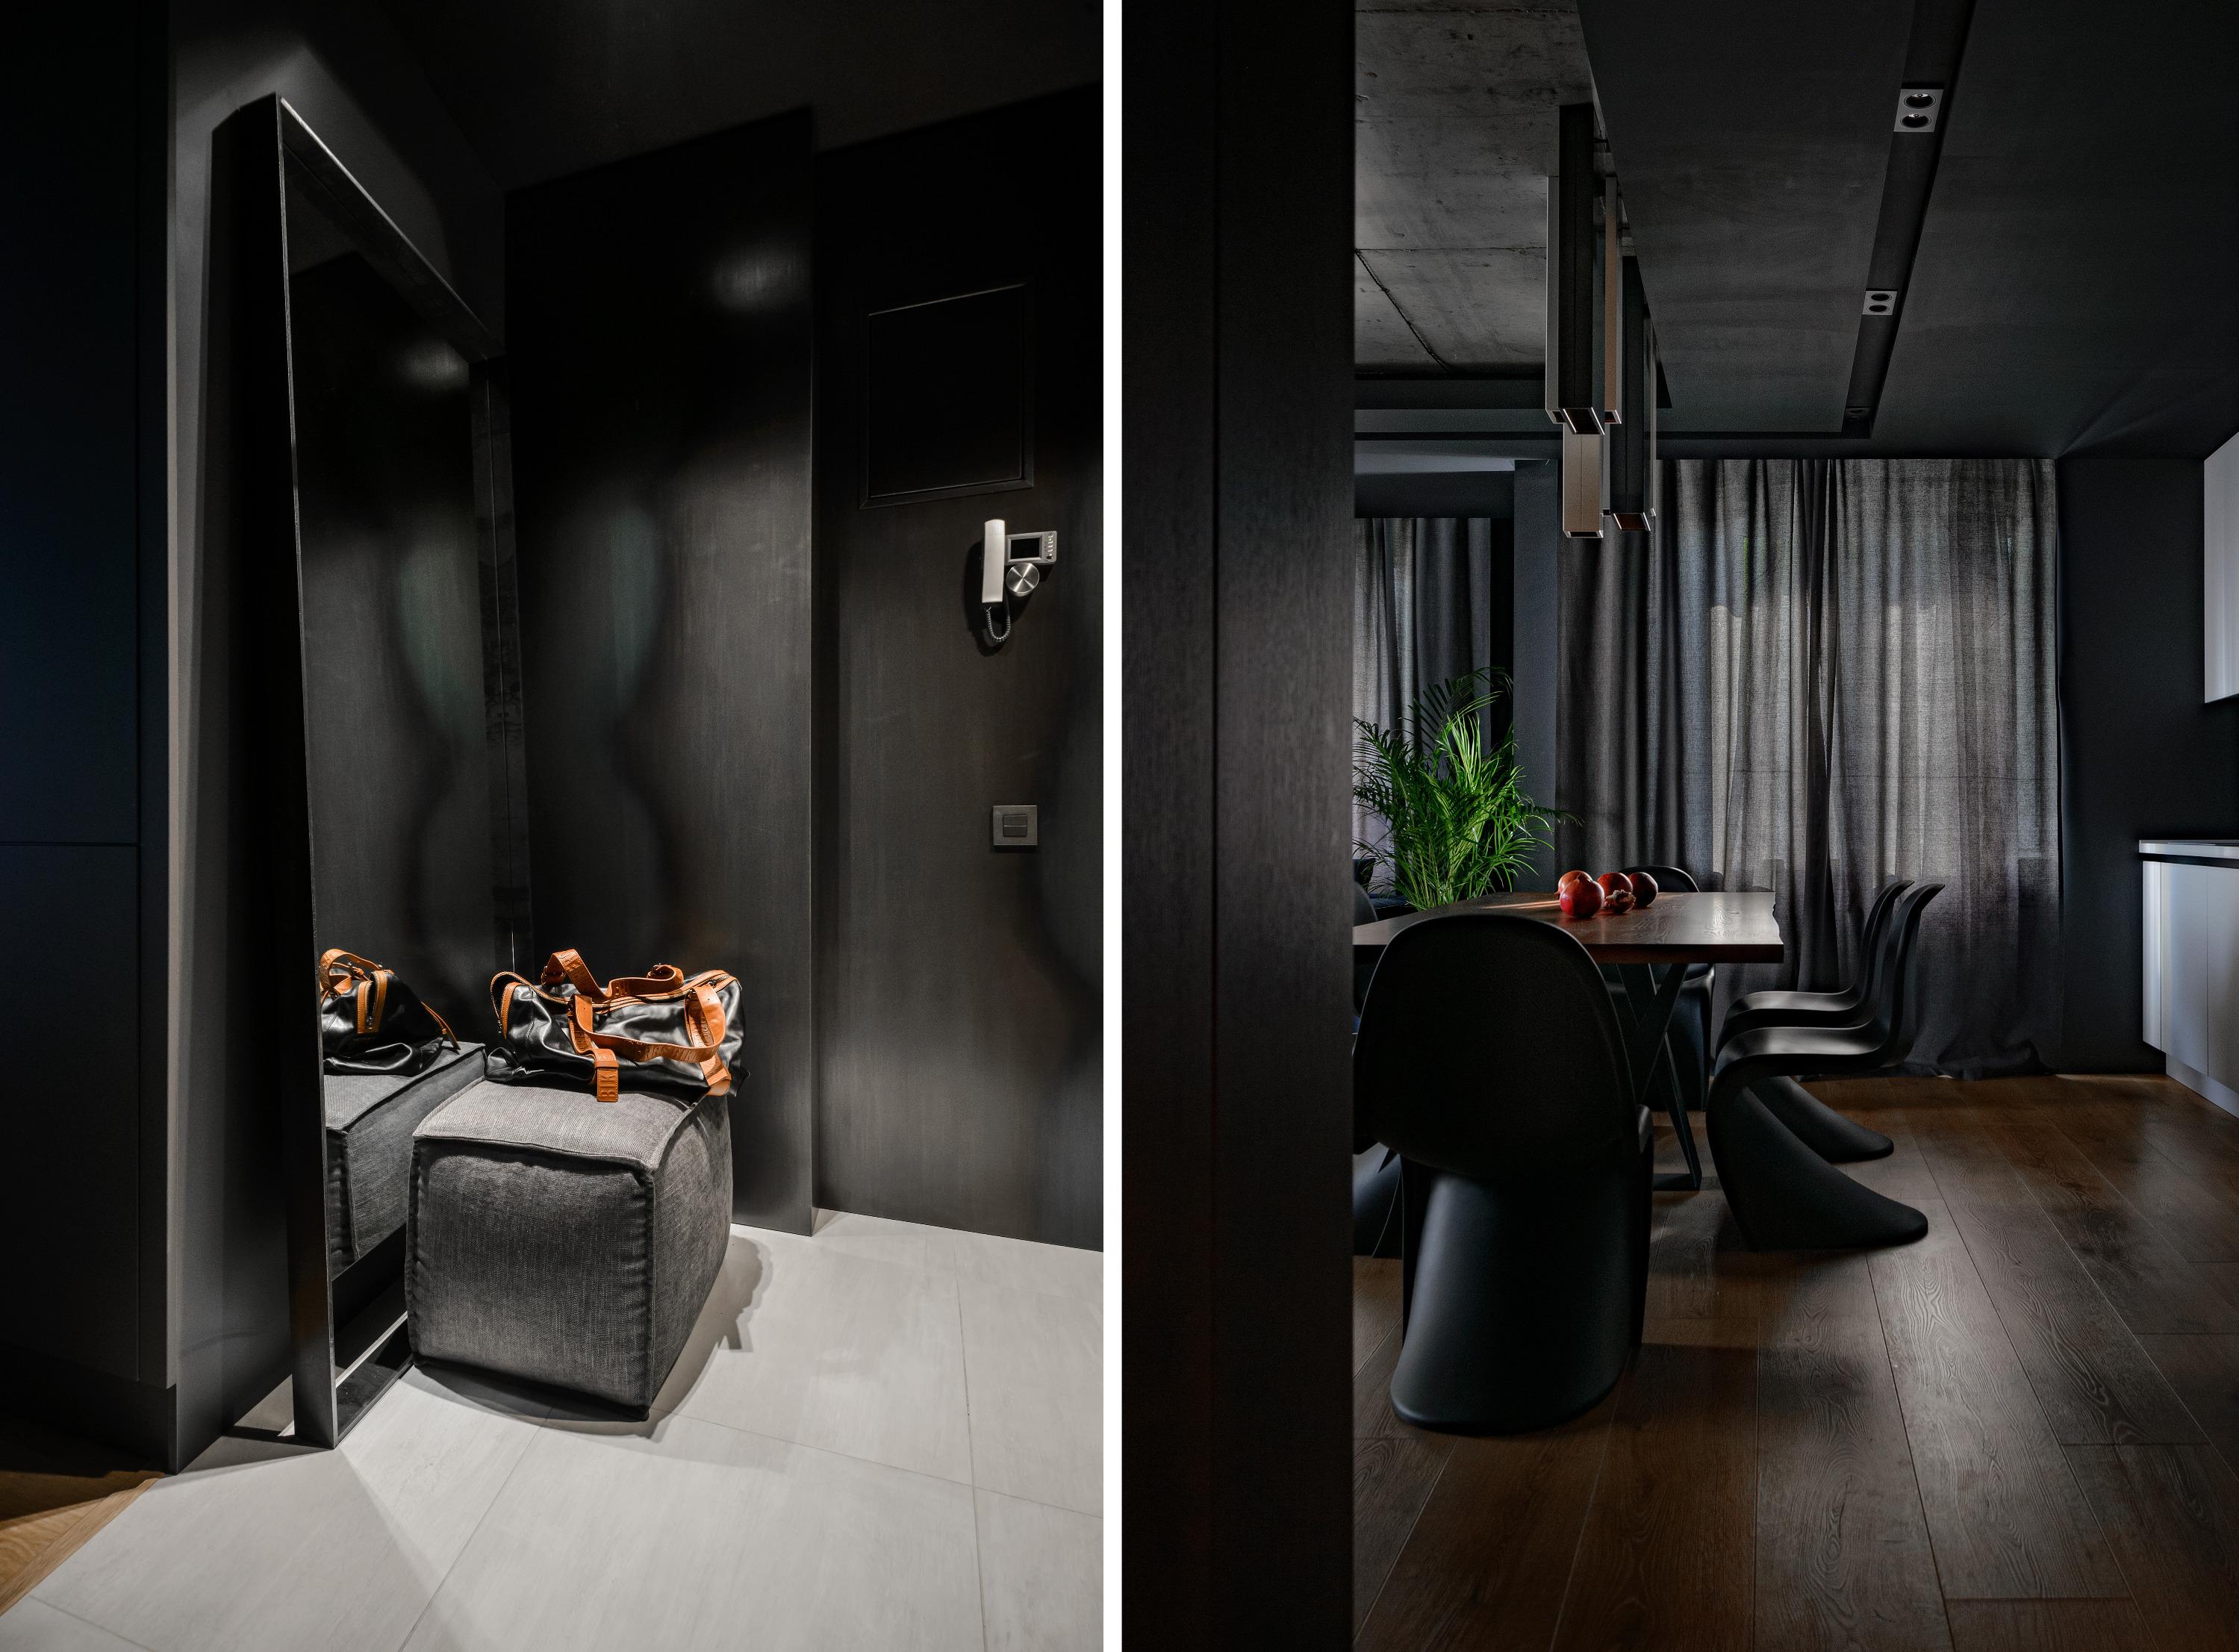 Квартира может показаться мрачной, но на самом деле полностью отражает пожелания её владельца — он не отходил от концепции ни на шаг и подбирал детали по визуализациям